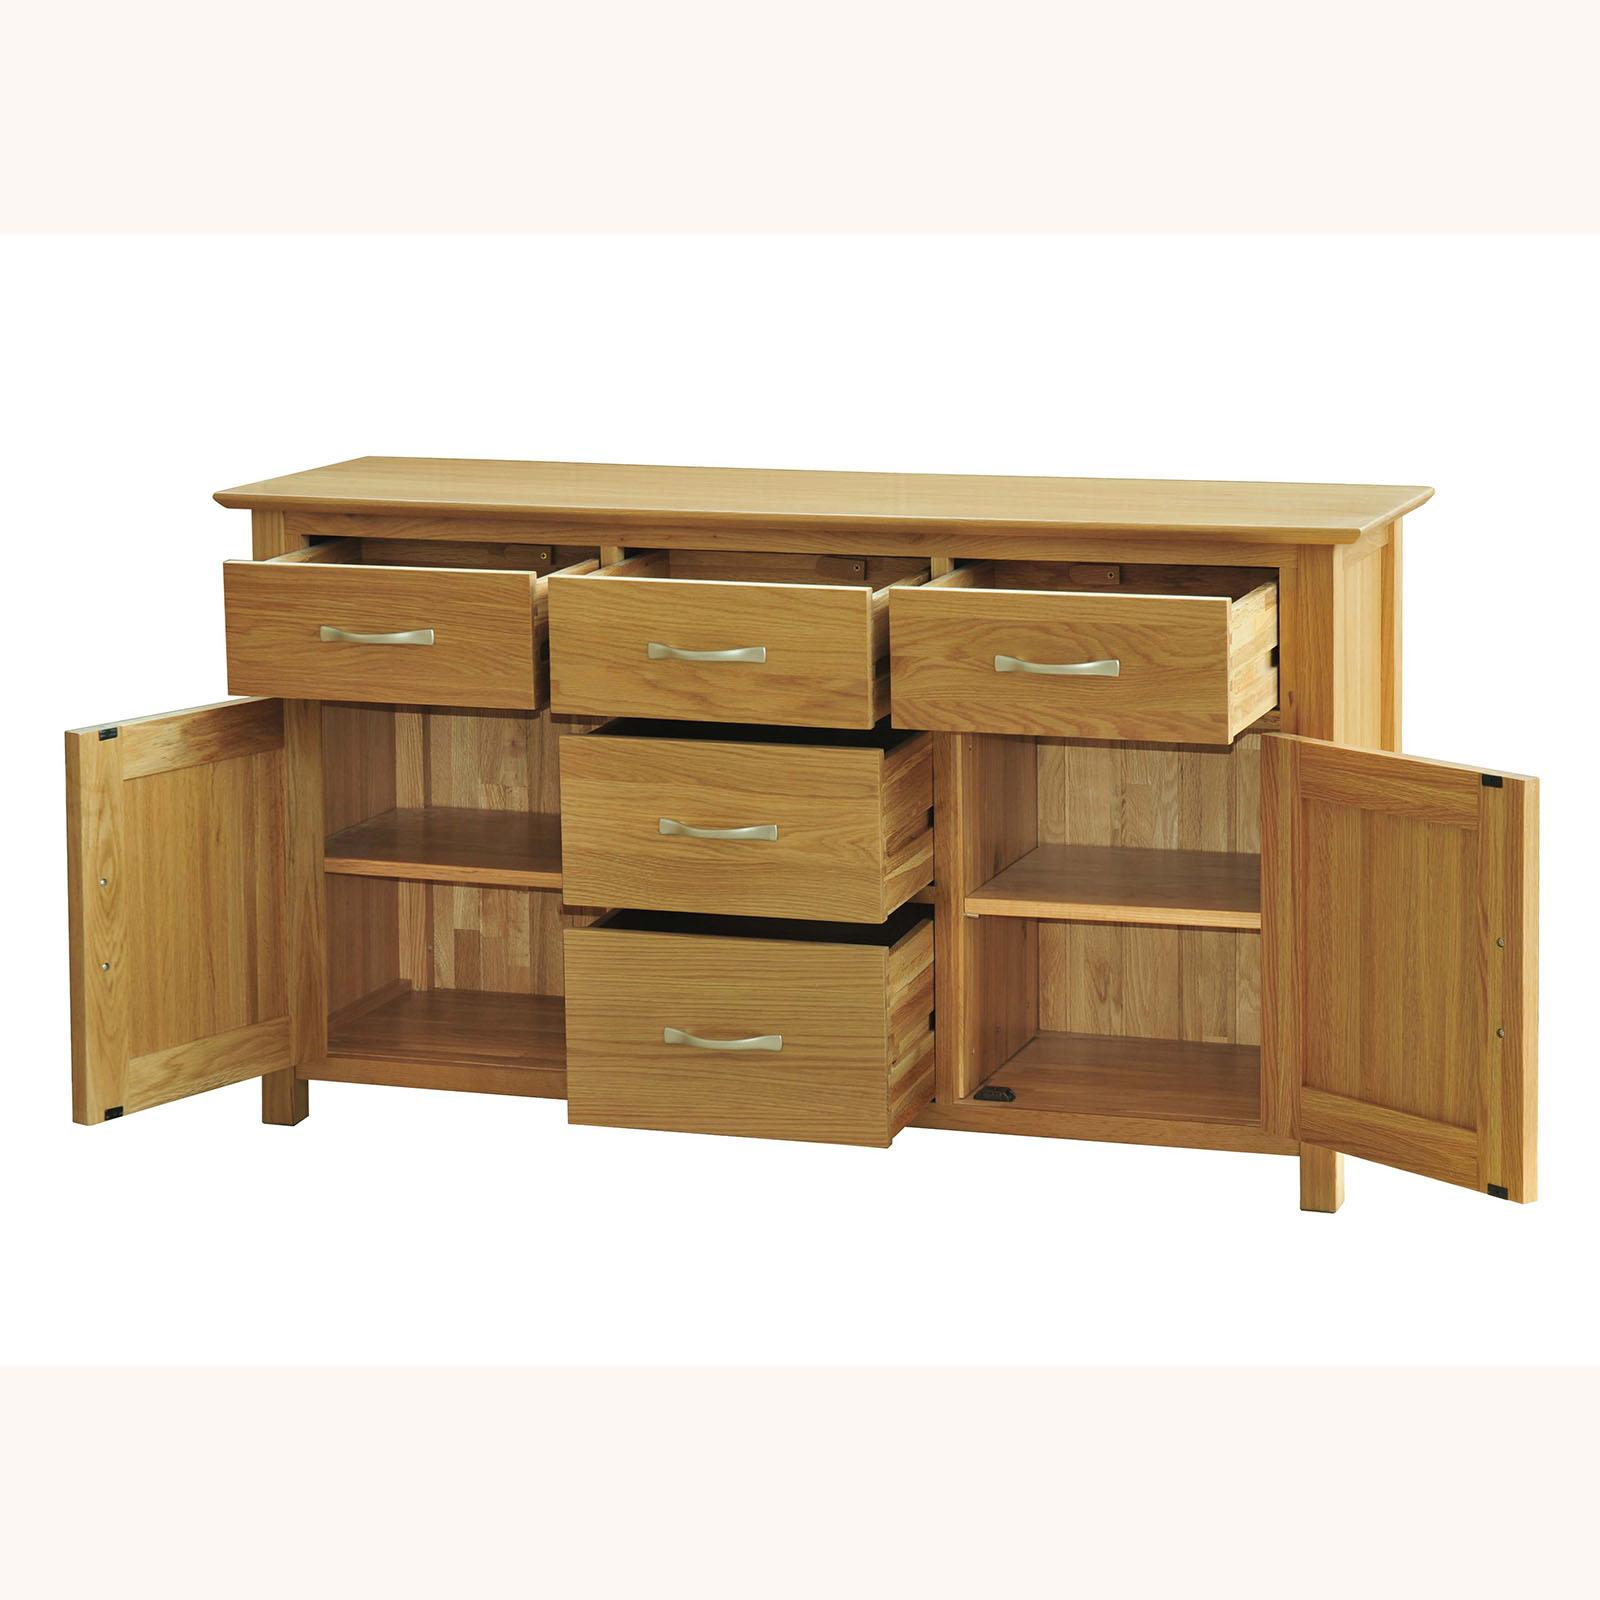 4FT6 Sideboard / Dresser Base